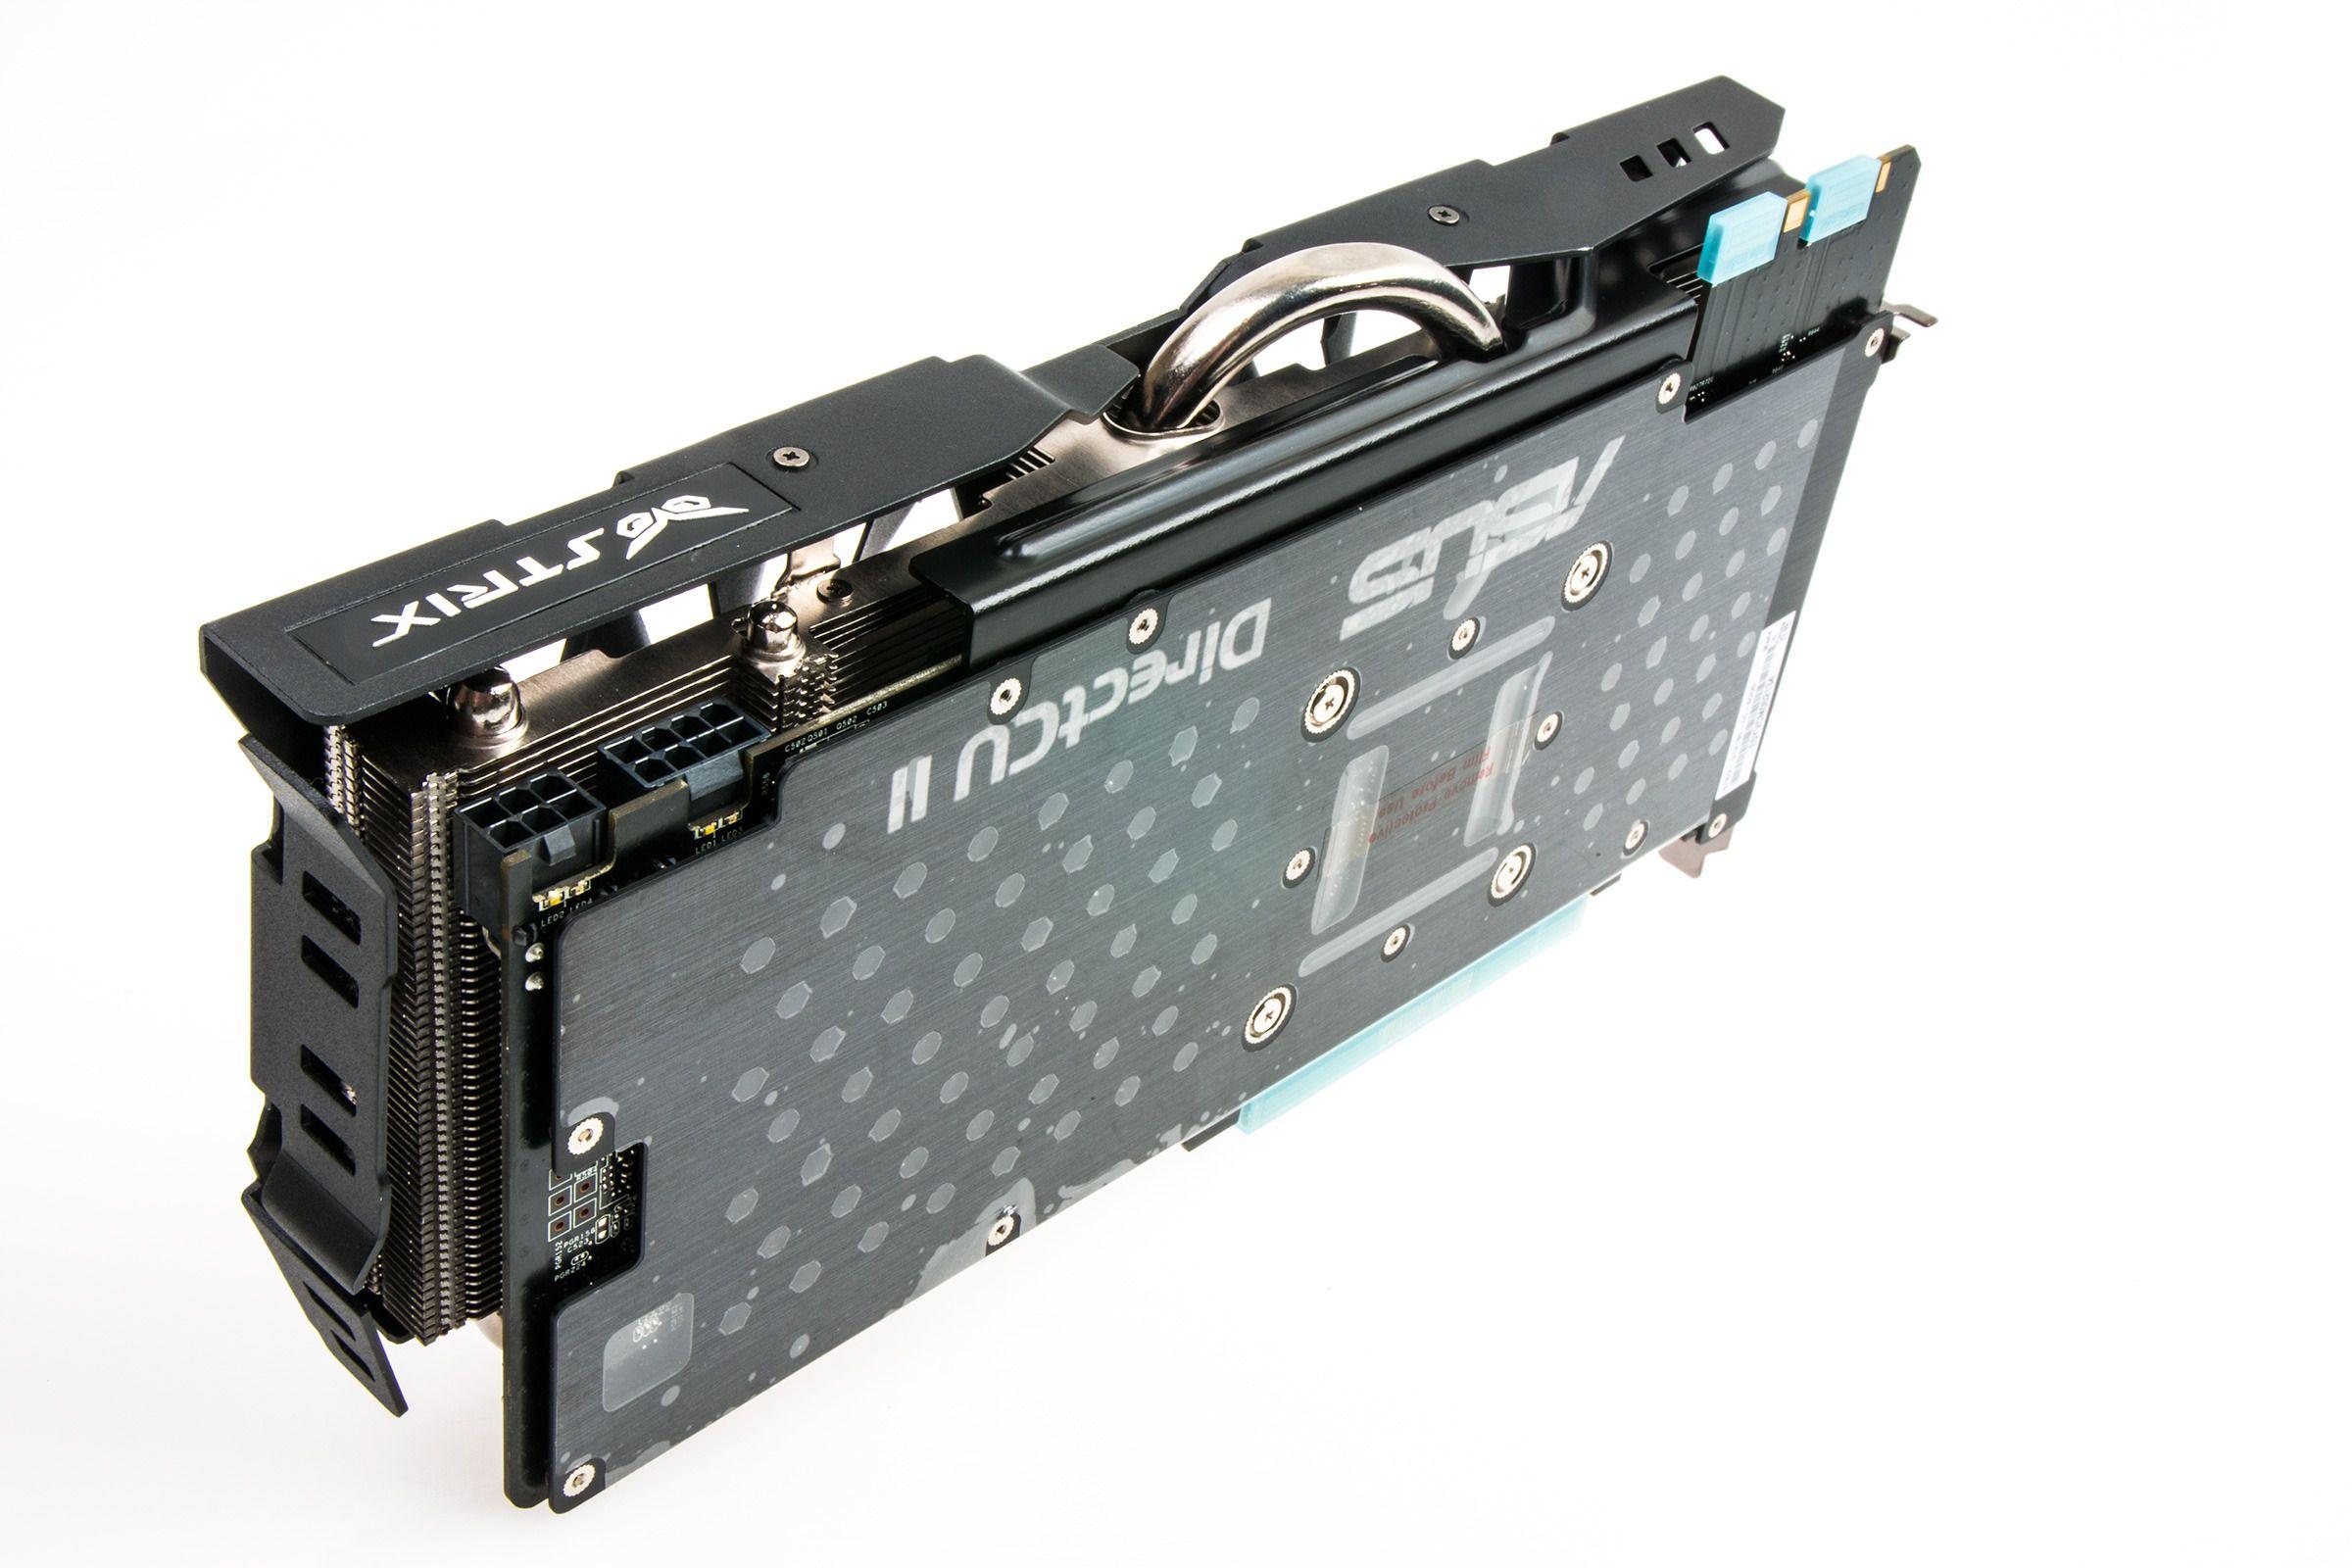 Skjermkortet måler 286 x 145 x 42 millimeter, og er altså temmelig omfangsrikt.Foto: Varg Aamo, Hardware.no